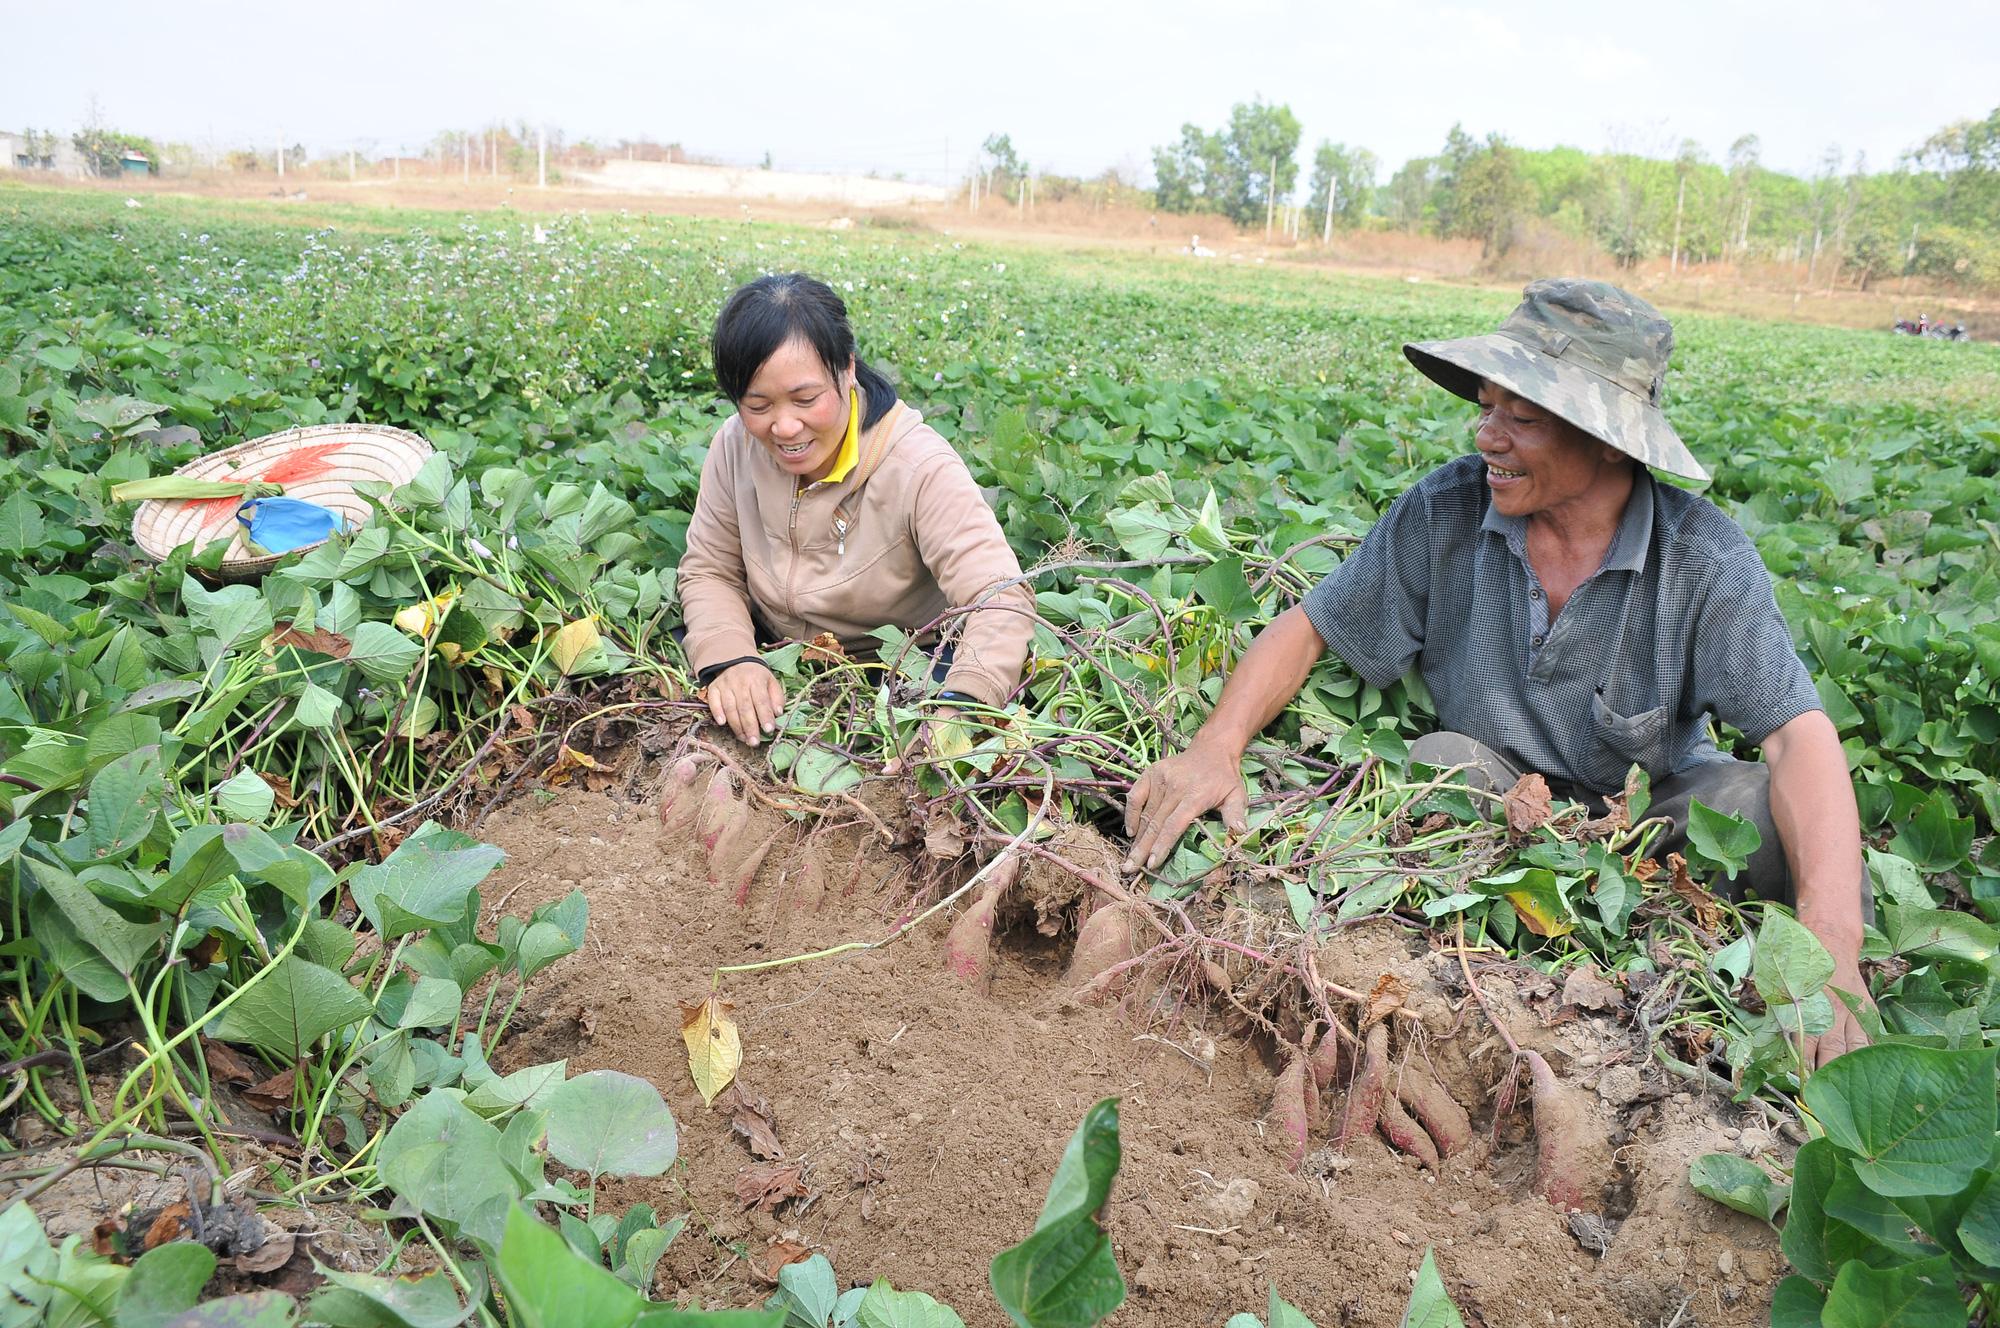 Nông dân chủ động chuyển đổi cây trồng, giảm bớt rủi ro - Ảnh 2.